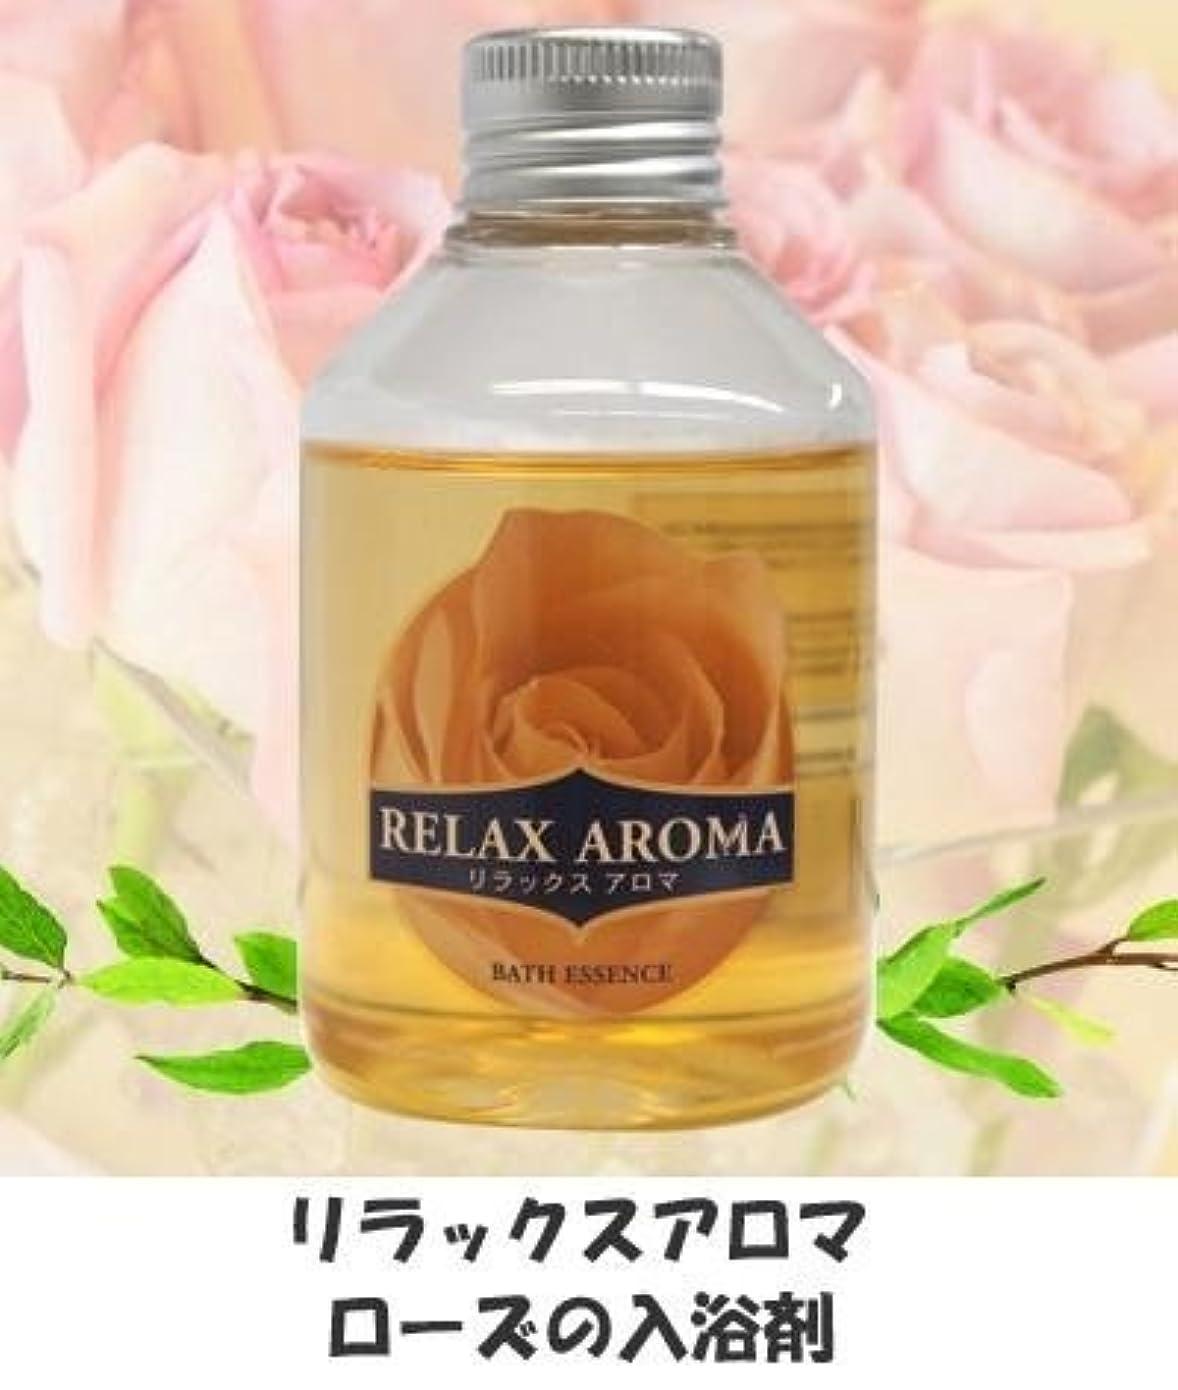 酔うキャロラインフィードオンリラックスアロマ ローズの入浴剤 150ml